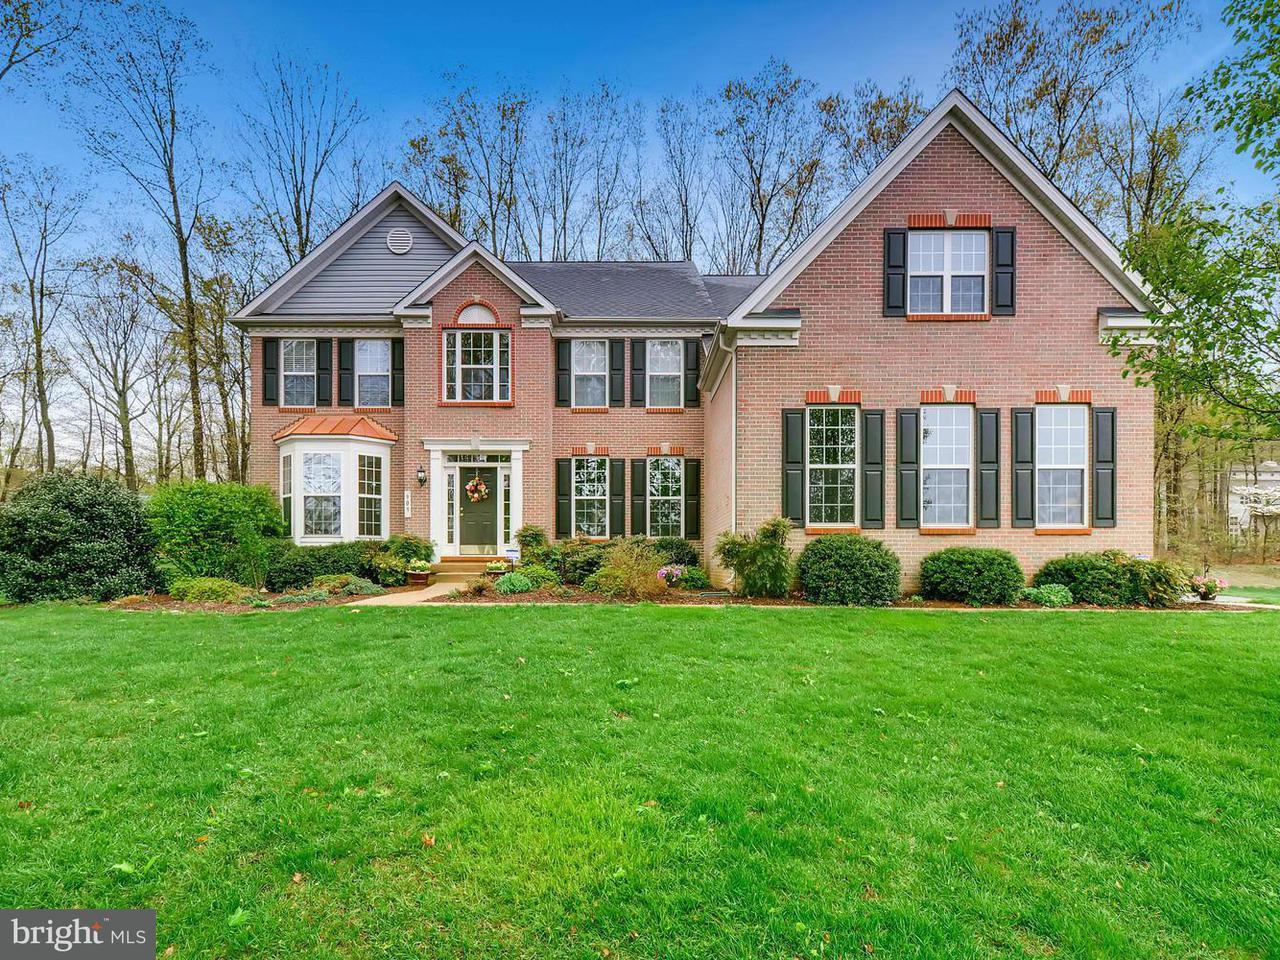 Частный односемейный дом для того Продажа на 909 Zenith Drive 909 Zenith Drive Freeland, Мэриленд 21053 Соединенные Штаты